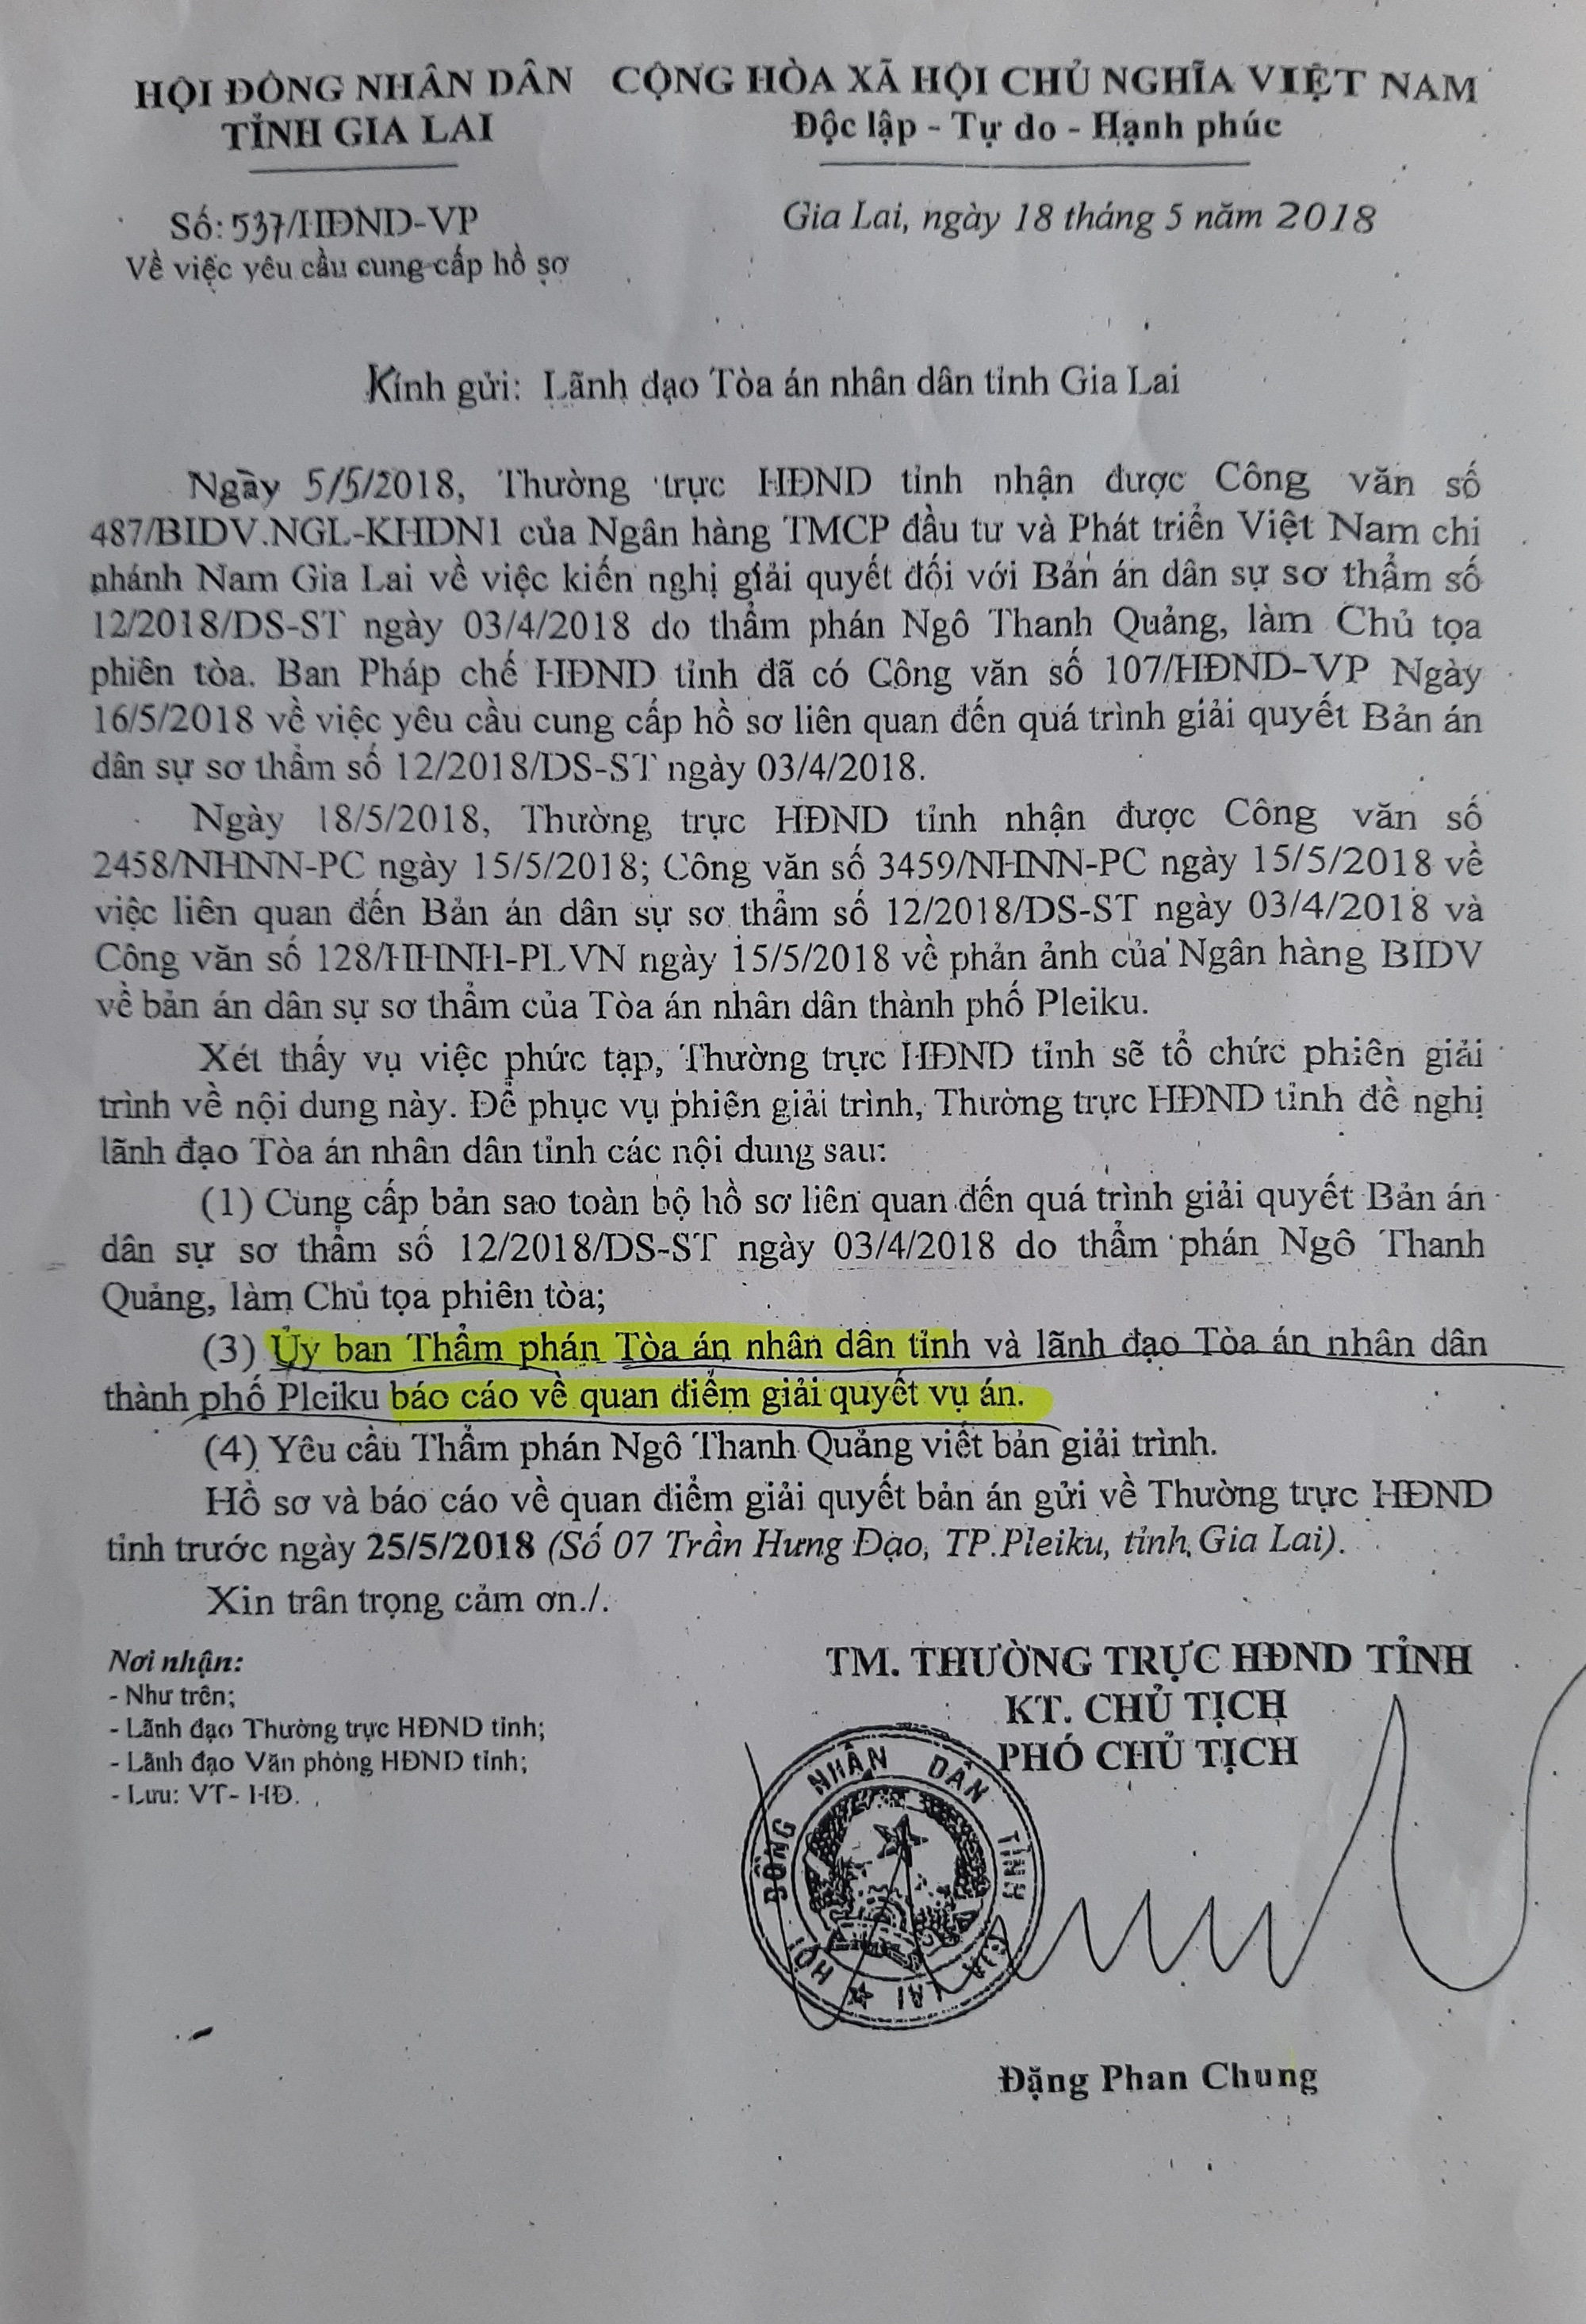 Xin ý kiến Ủy ban Thường vụ Quốc hội xử lý Phó Chủ tịch HĐND tỉnh Gia Lai - Ảnh 2.